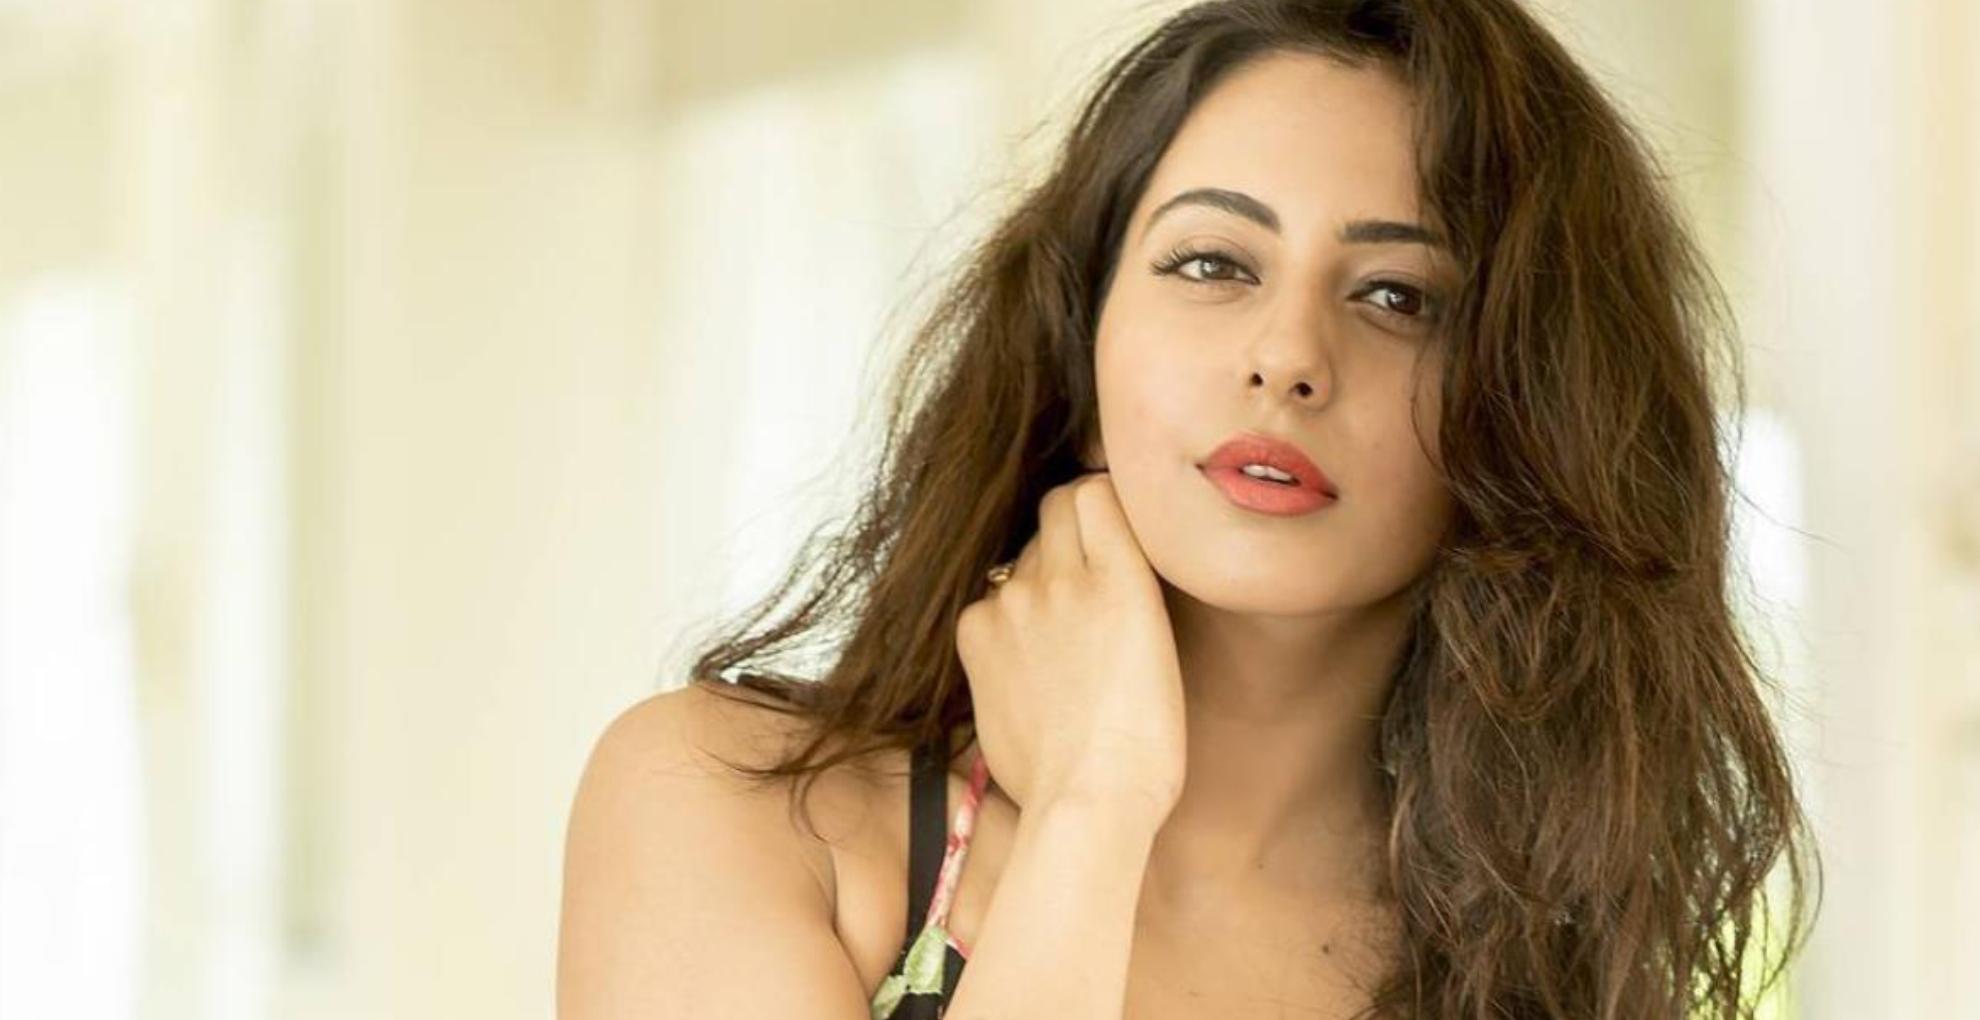 अजय देवगन के बाद अब नागार्जुन संग दिखेंगी रकुल प्रीत सिंह, कहा- मैं फिल्म में अपने रोल को देखकर करती हूं काम